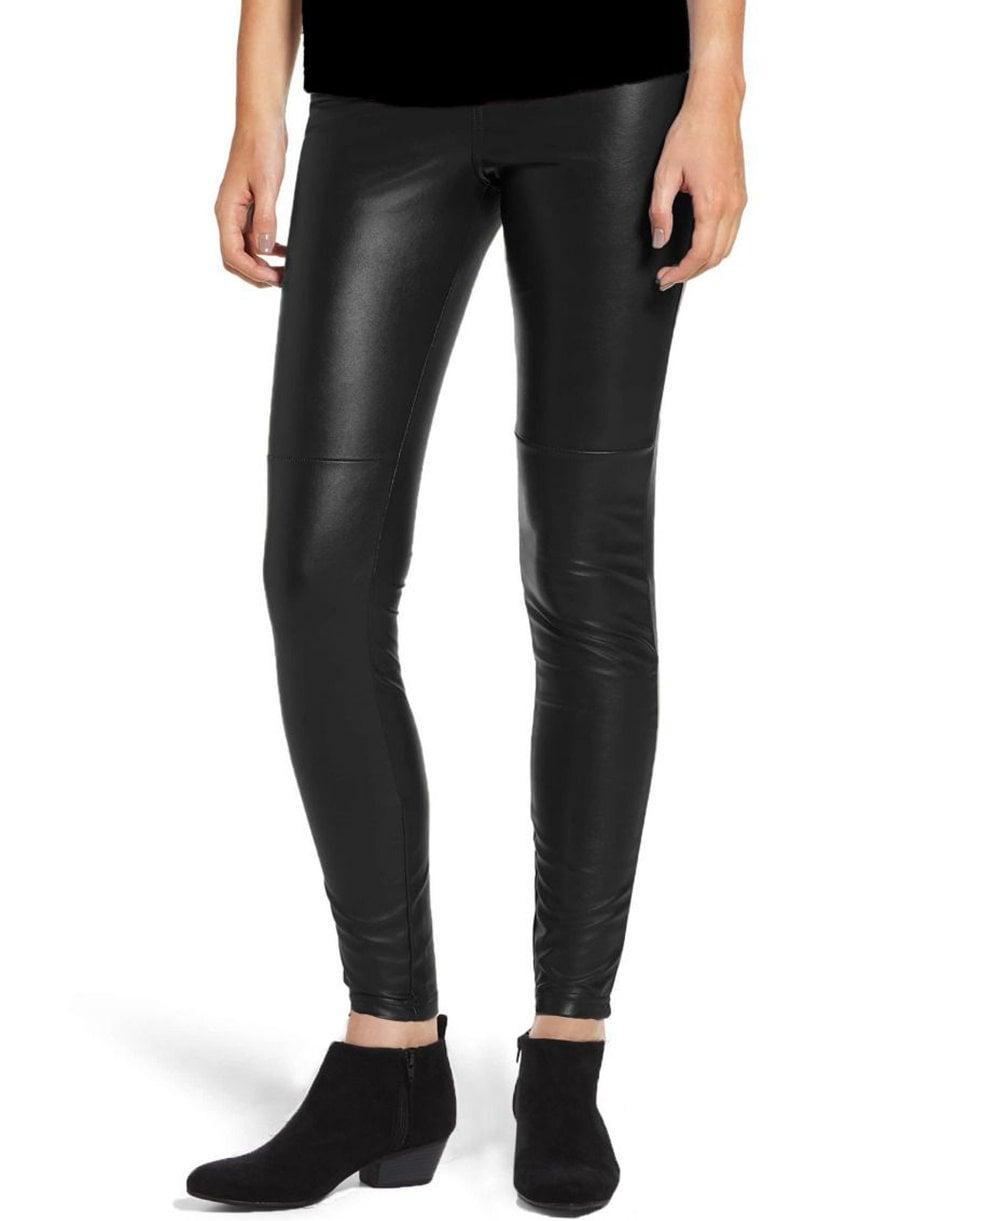 83fb04e95e13a HUE Faux Leather Legging - Leggings from luxury-legs.com UK